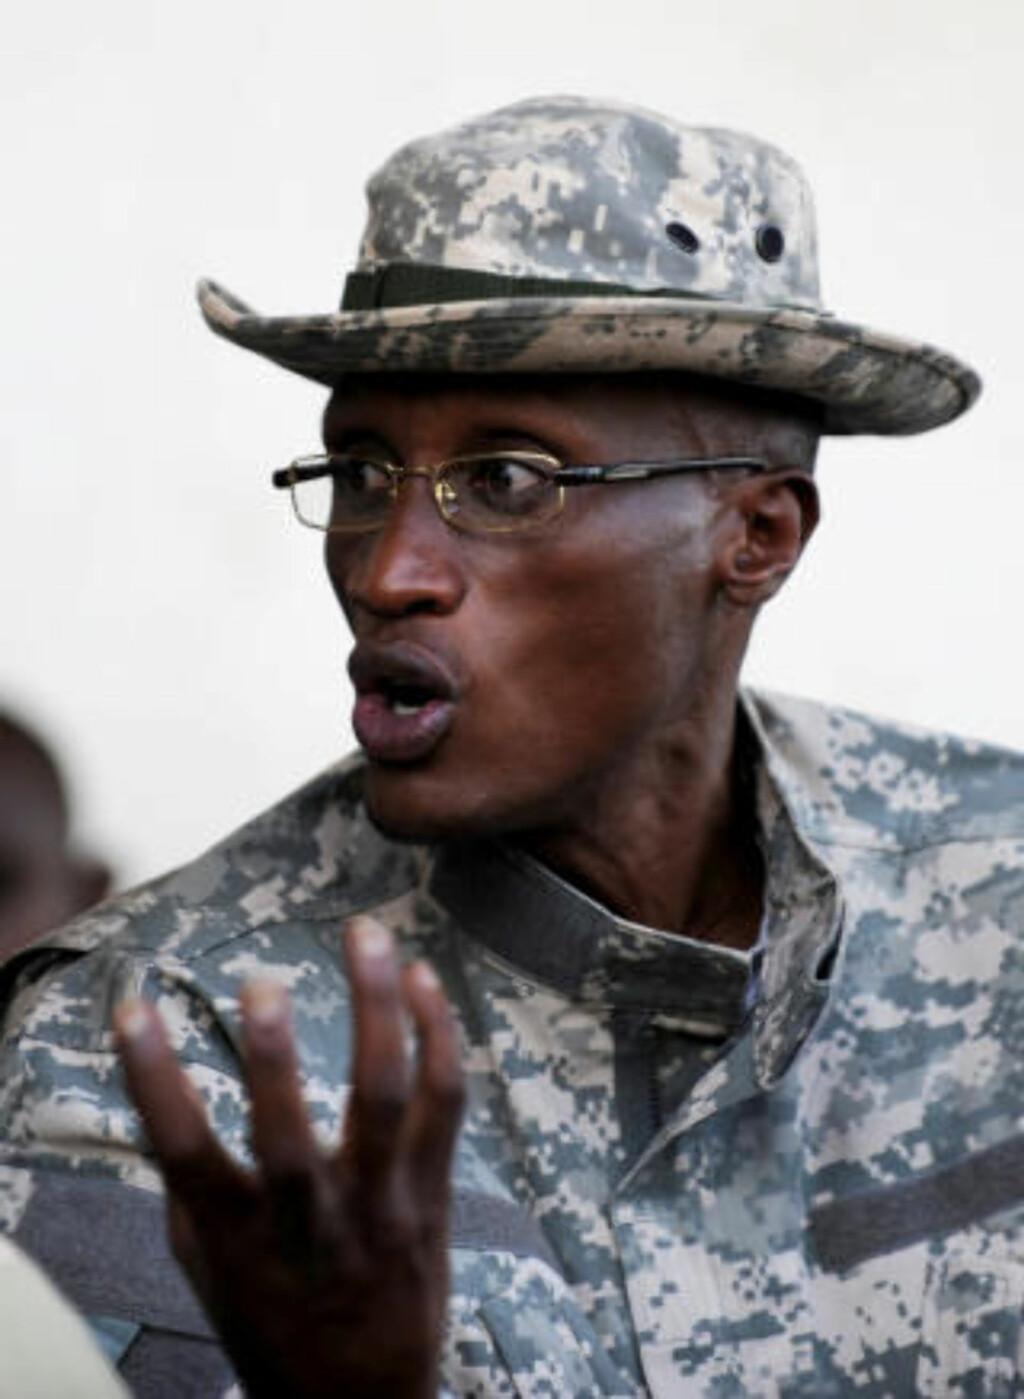 BEGIKK OVERGREP: Men Laurent Nkunda hadde en oppriktig politisk agenda. Det har ikke Bosco Ntaganda. Foto: AFP/Roberto SCHMIDT